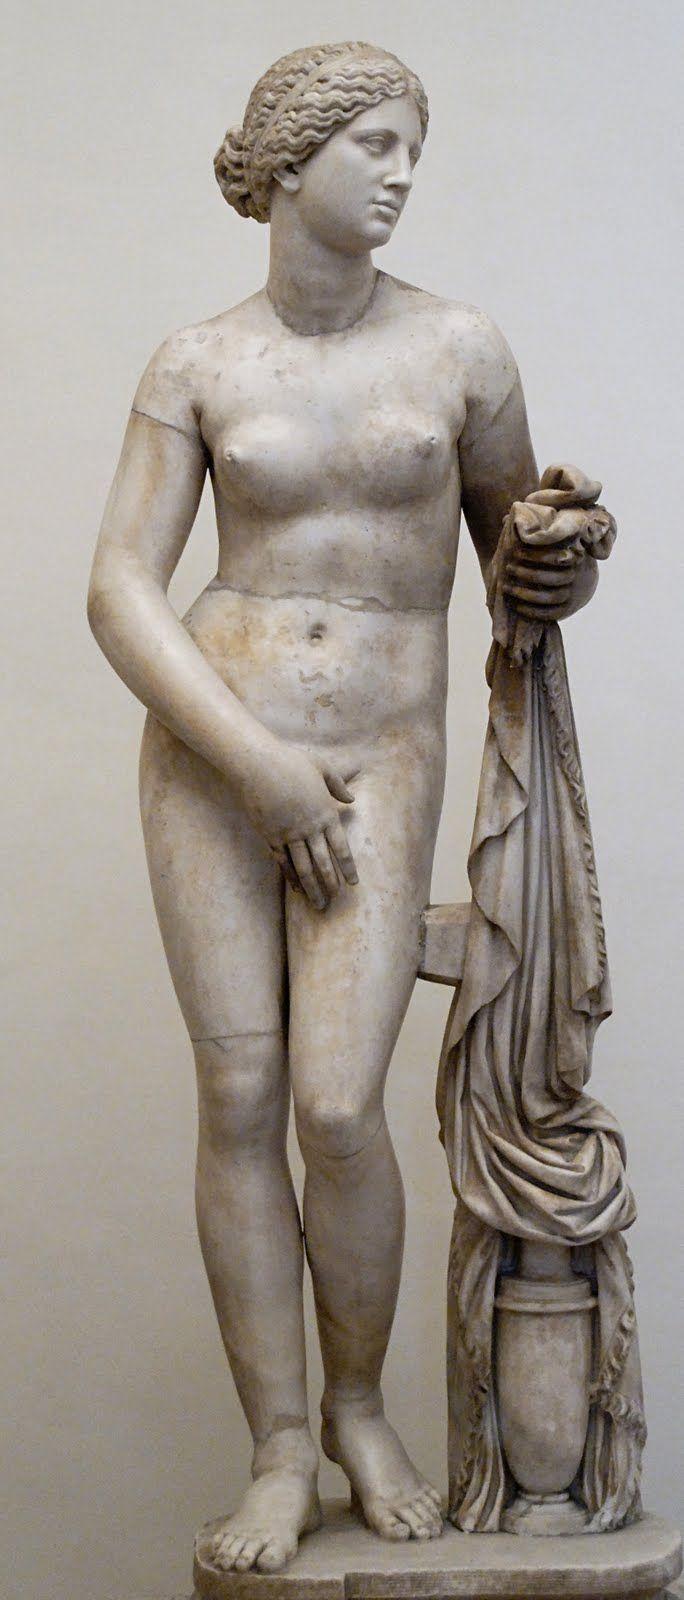 La Venus de Cnido, Afrodita de Cnido o Afrodita Cnidea es una de las más célebres esculturas del escultor griego Praxíteles y una de sus primeras obras, realizada en Atenas en torno al año 360 a. C.